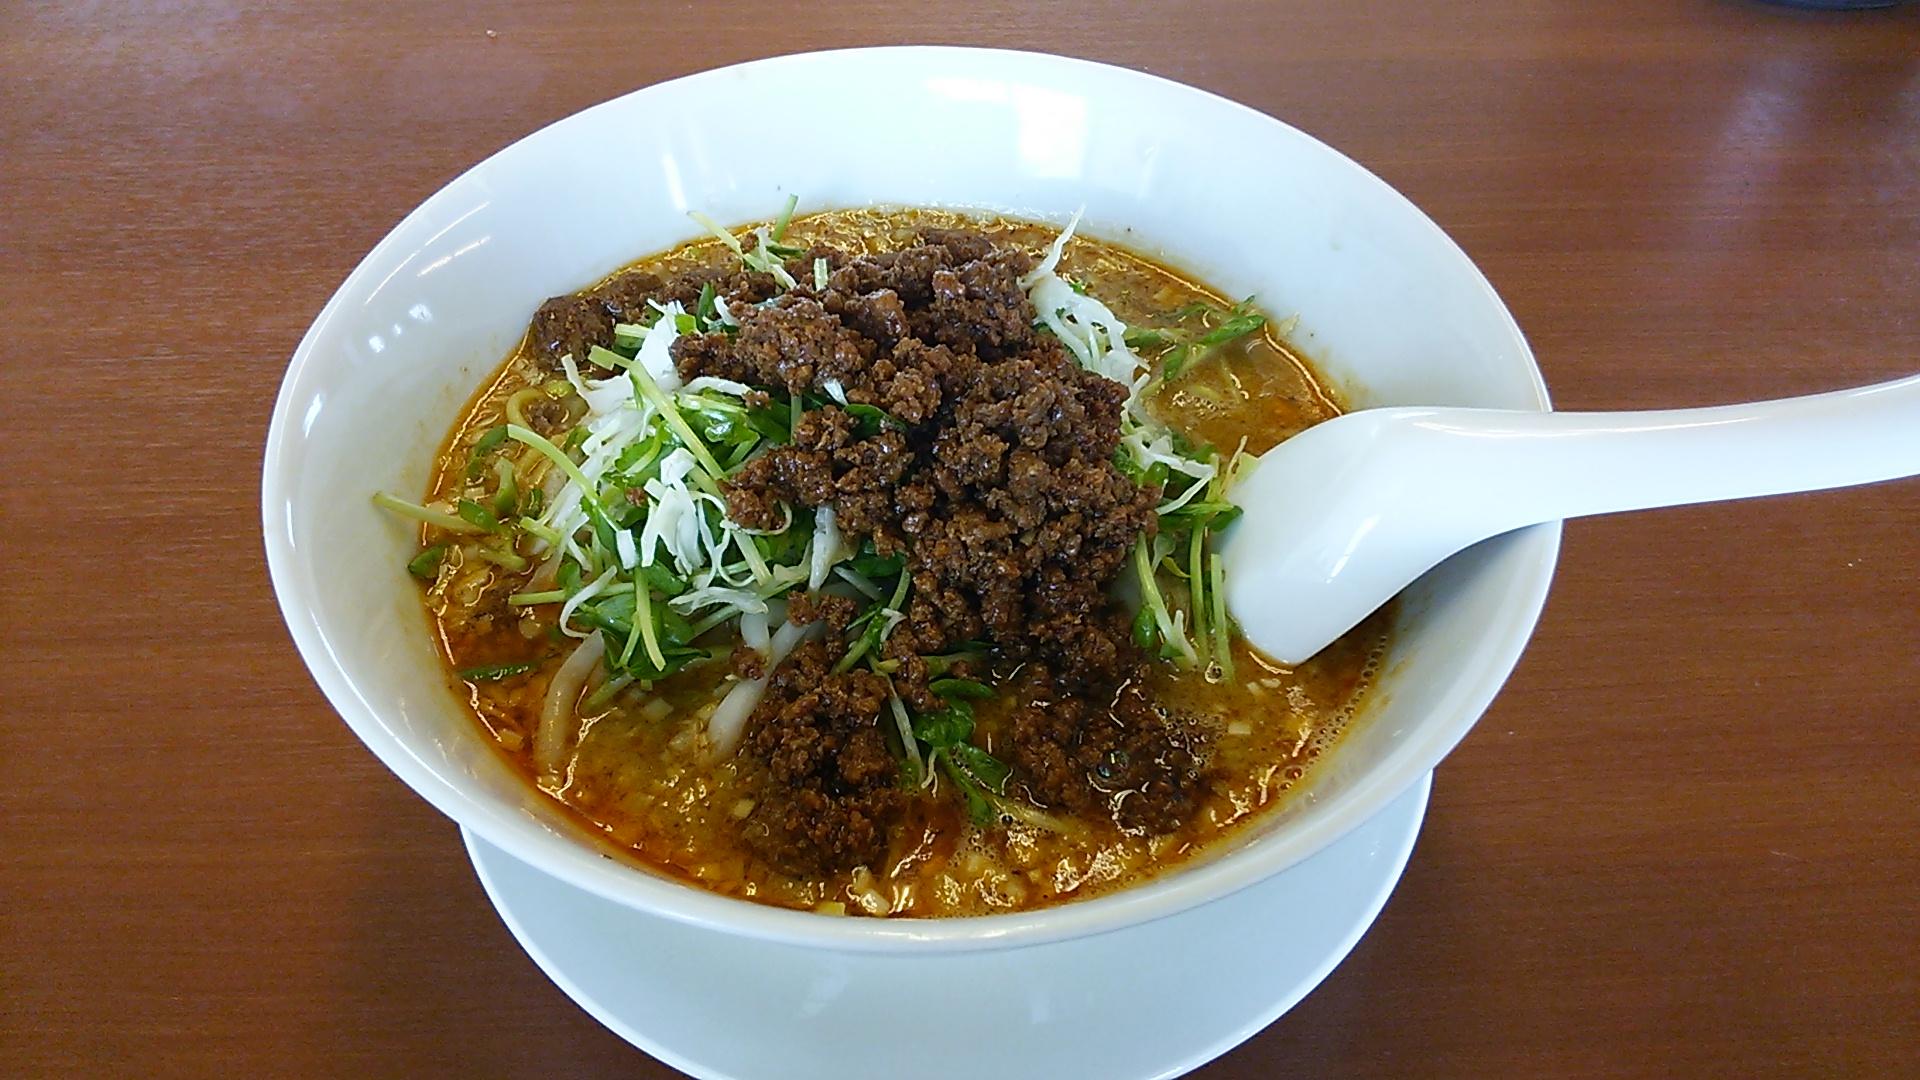 【ささのは】嘉島店の坦々麺!濃厚なごまの香りと味のハーモニー